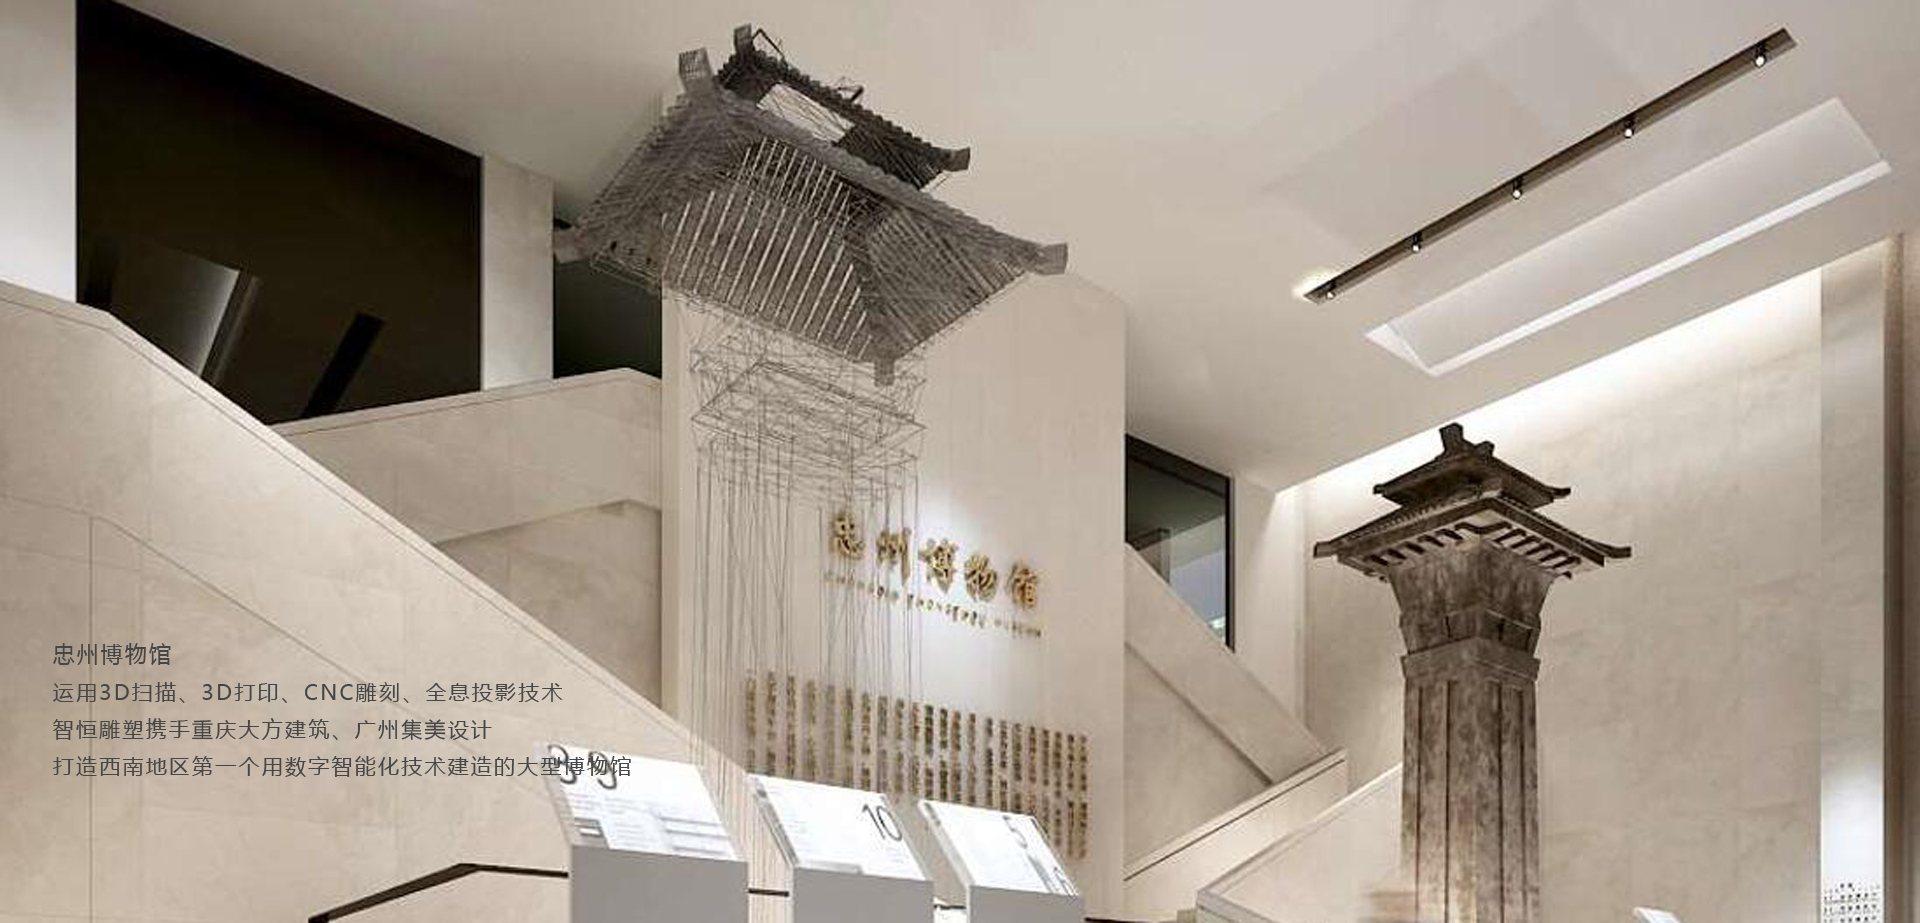 重庆泡沫雕塑结合传统雕塑制造方式,设计、制作各种材料雕塑。是集设计、生产、施工、安装为一体的综合性艺术机构。